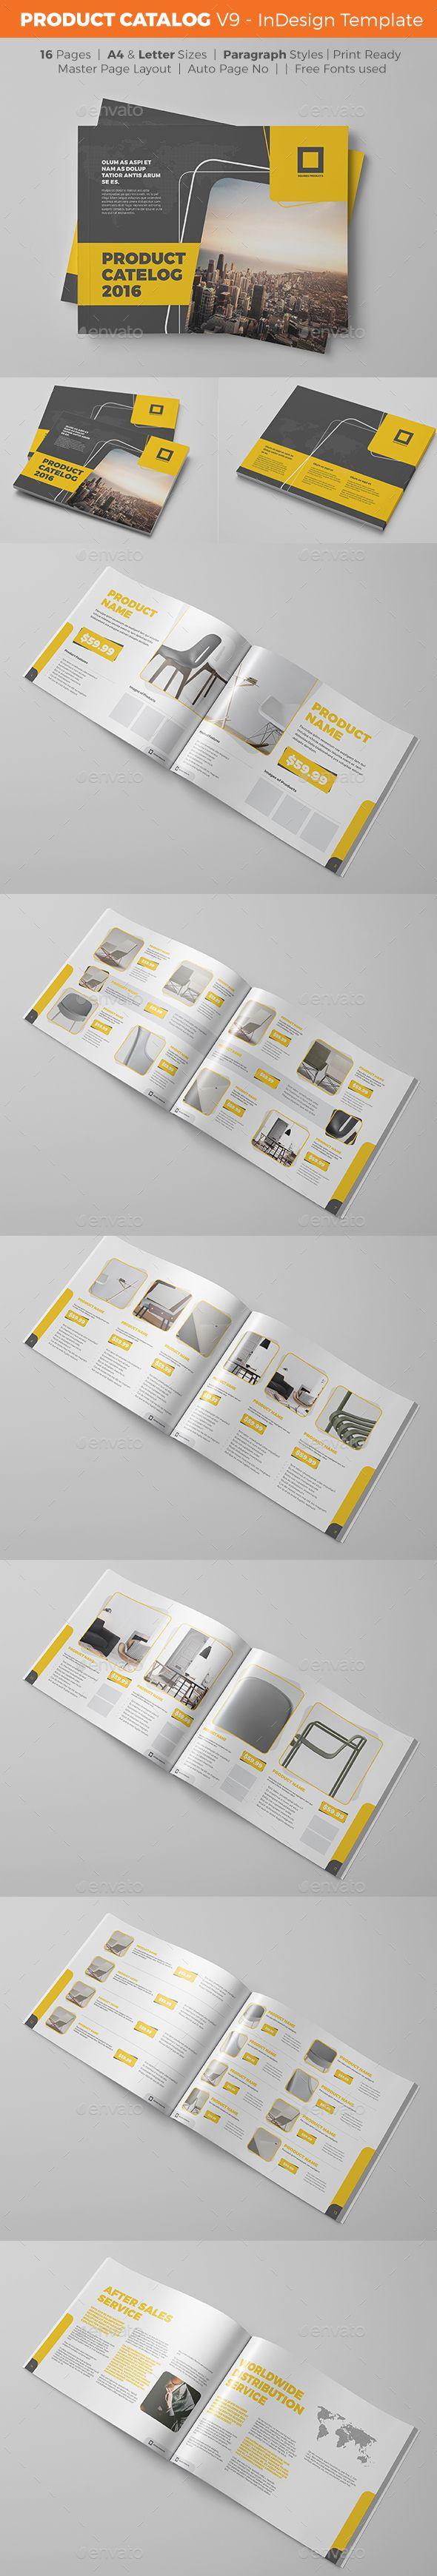 Product Catalog Template - V9 | Catálogo, Diseño de catálogos y Tríptico